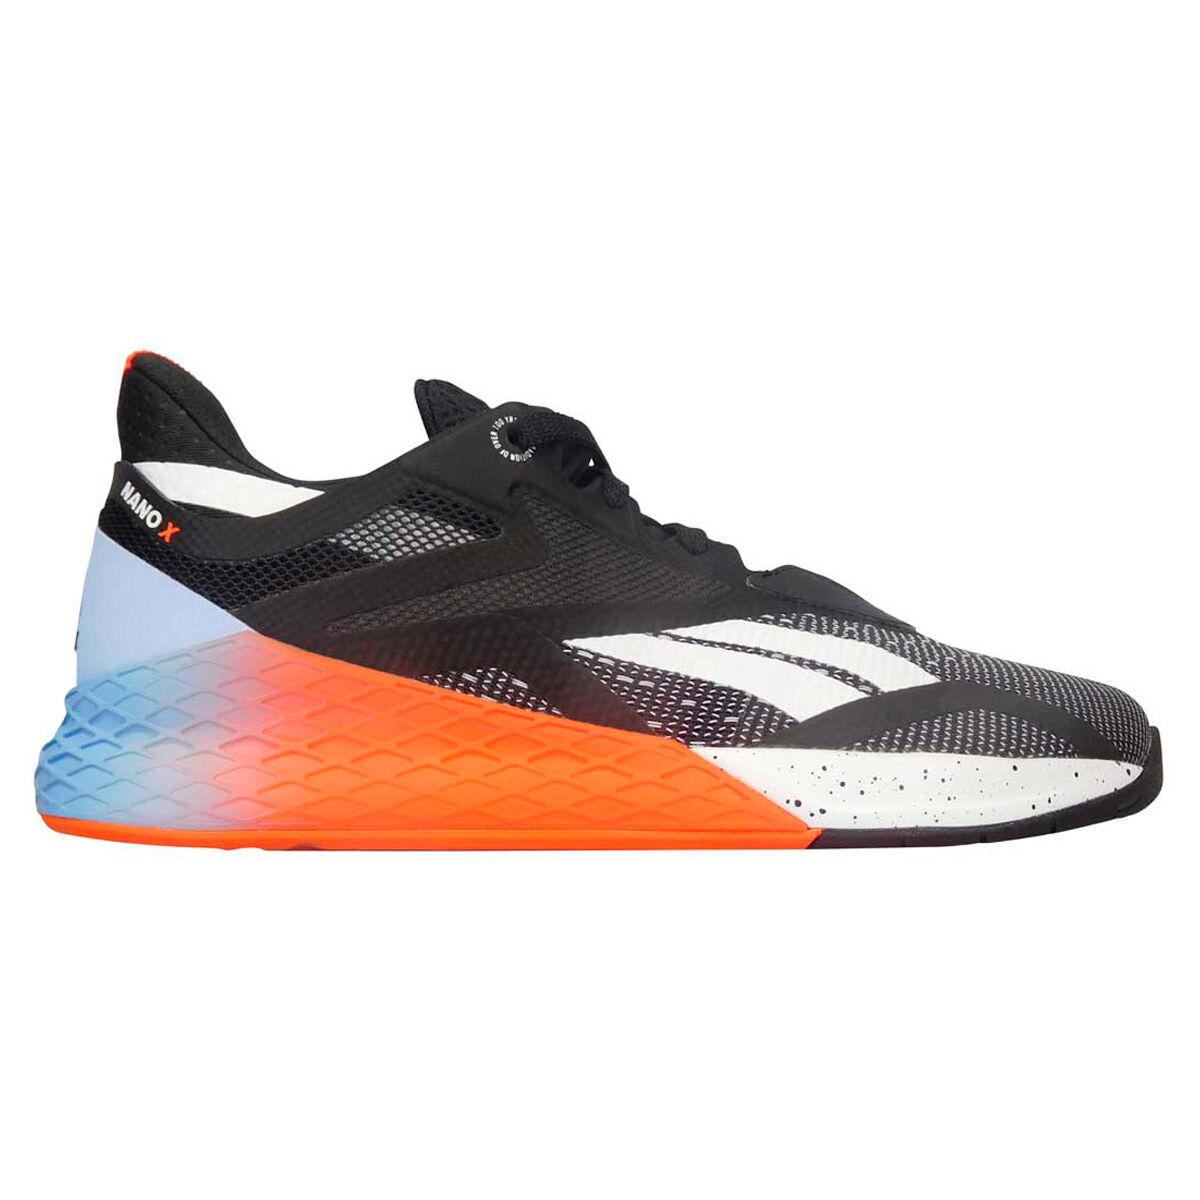 Reebok Nano X Mens Training Shoes